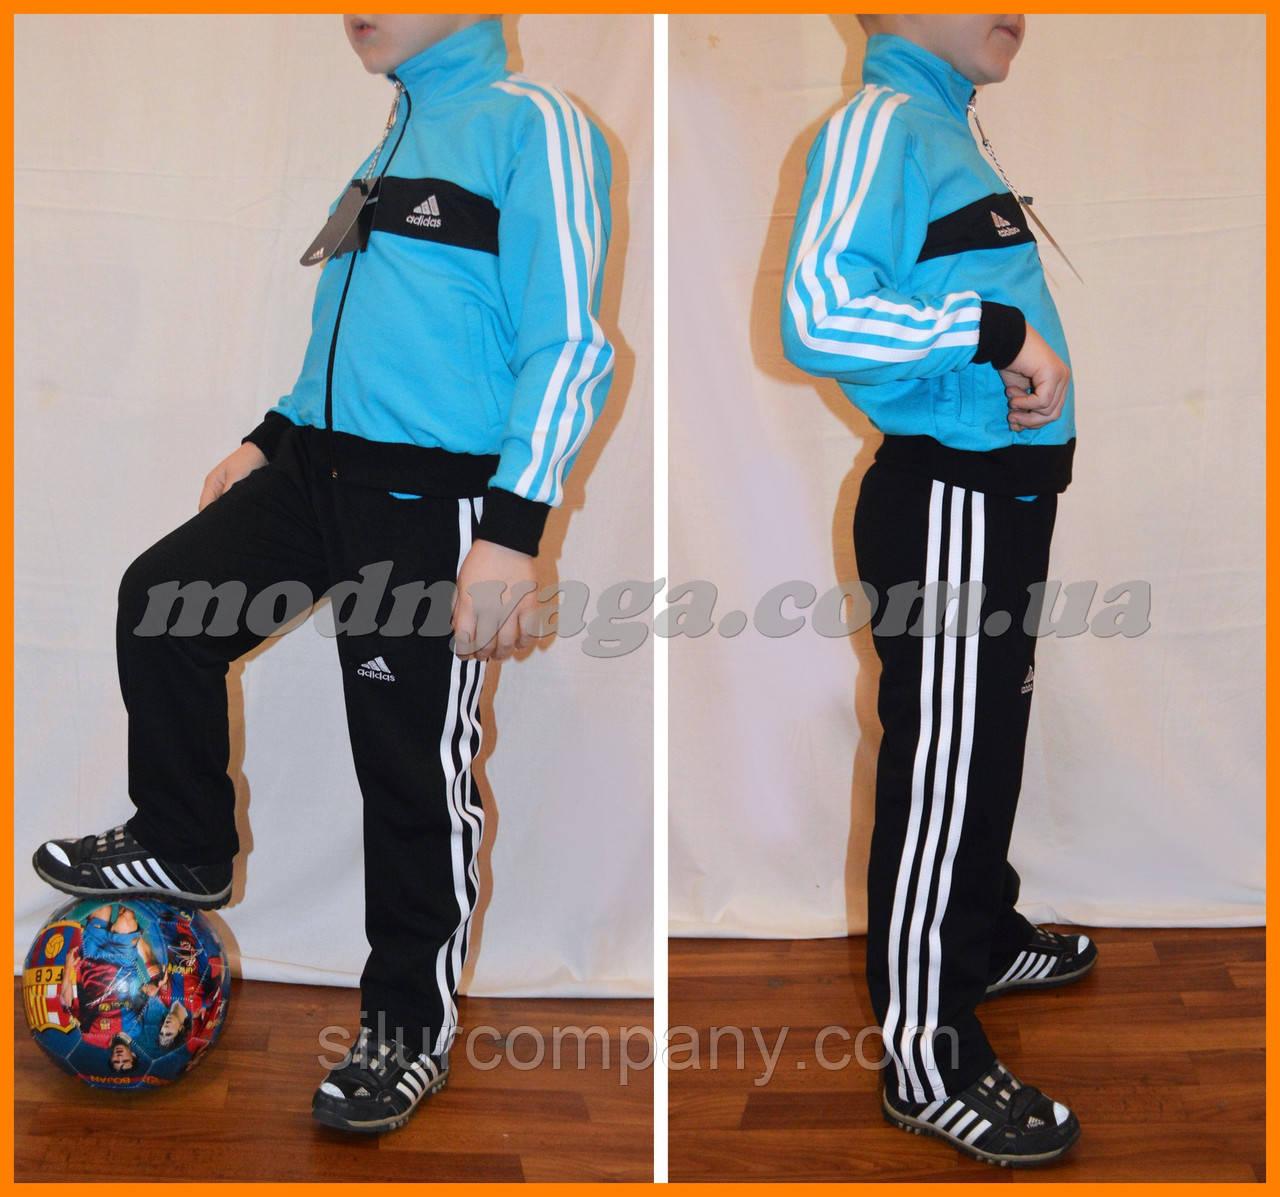 ed18423a Теплые детские спортивные костюмы адидас - Интернет магазин